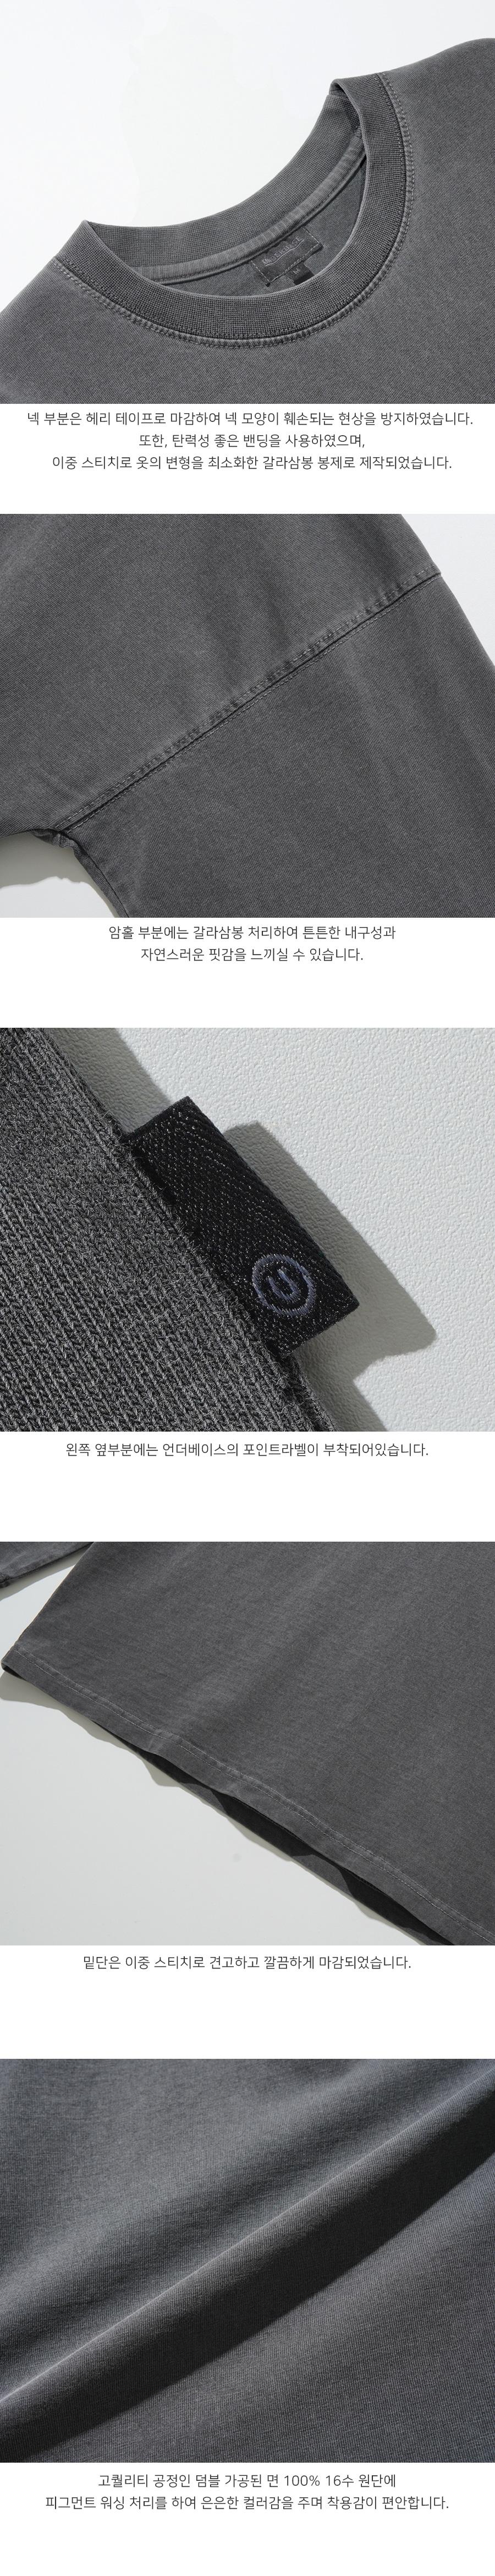 [언더베이스] 데이아 피그먼트 긴팔 ISLT9060